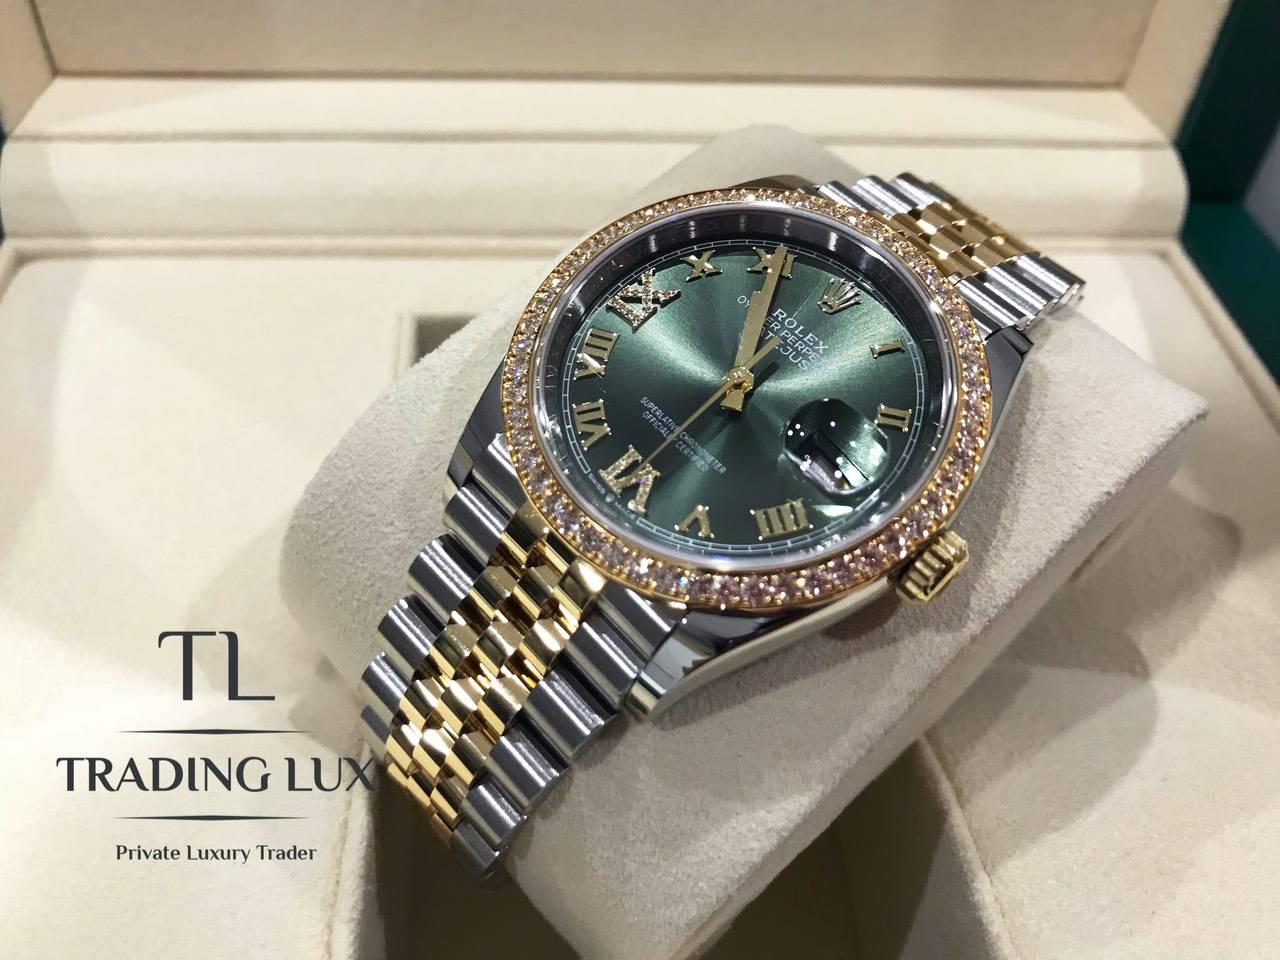 Rolex-Datejust-126283RBR-11